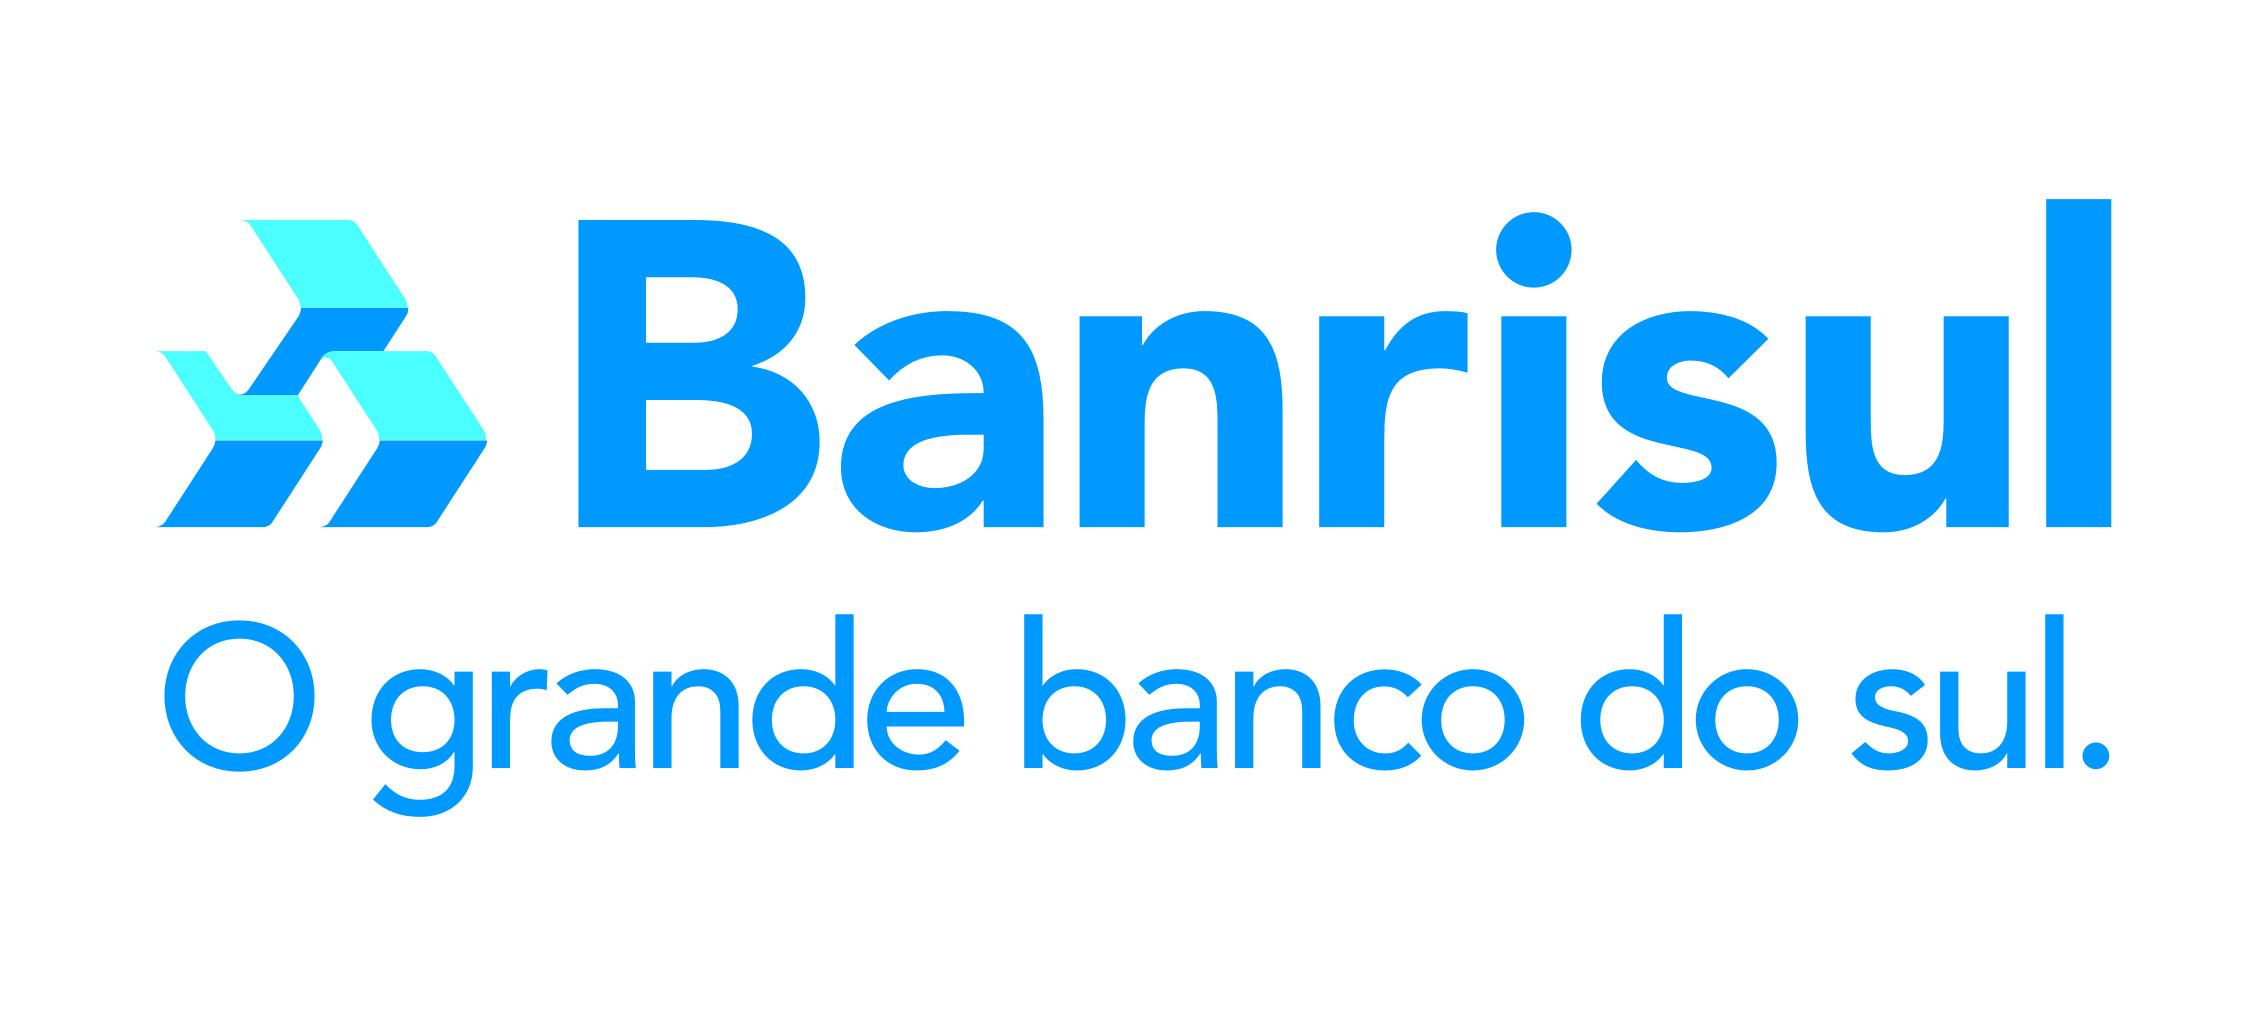 Empréstimo Pessoal no Banrisul Sem Consulta ao SPC e Serasa - Confira!